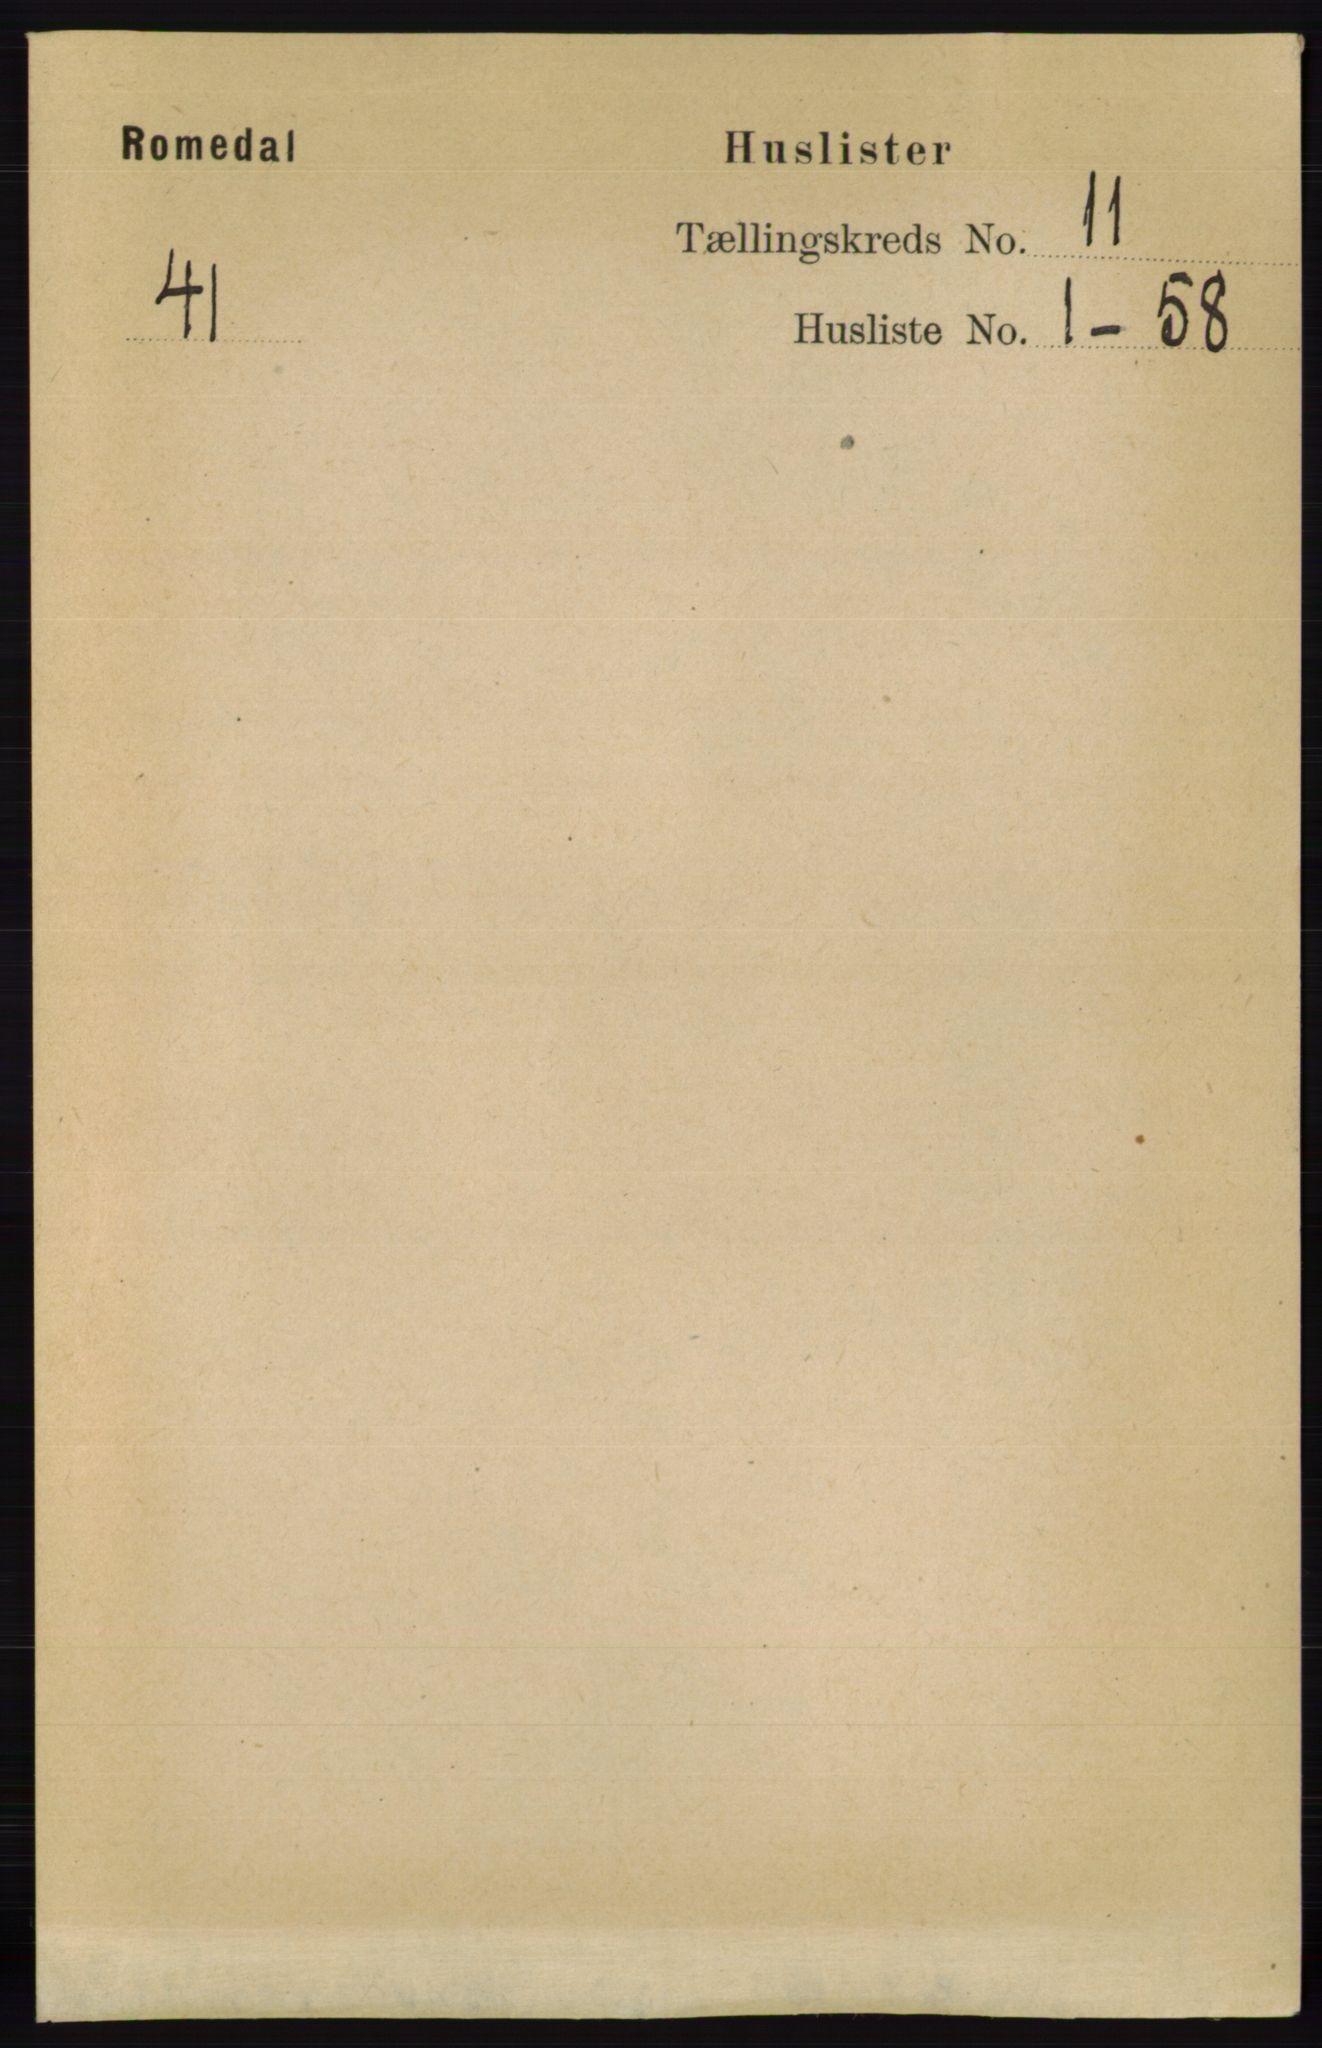 RA, Folketelling 1891 for 0416 Romedal herred, 1891, s. 5341